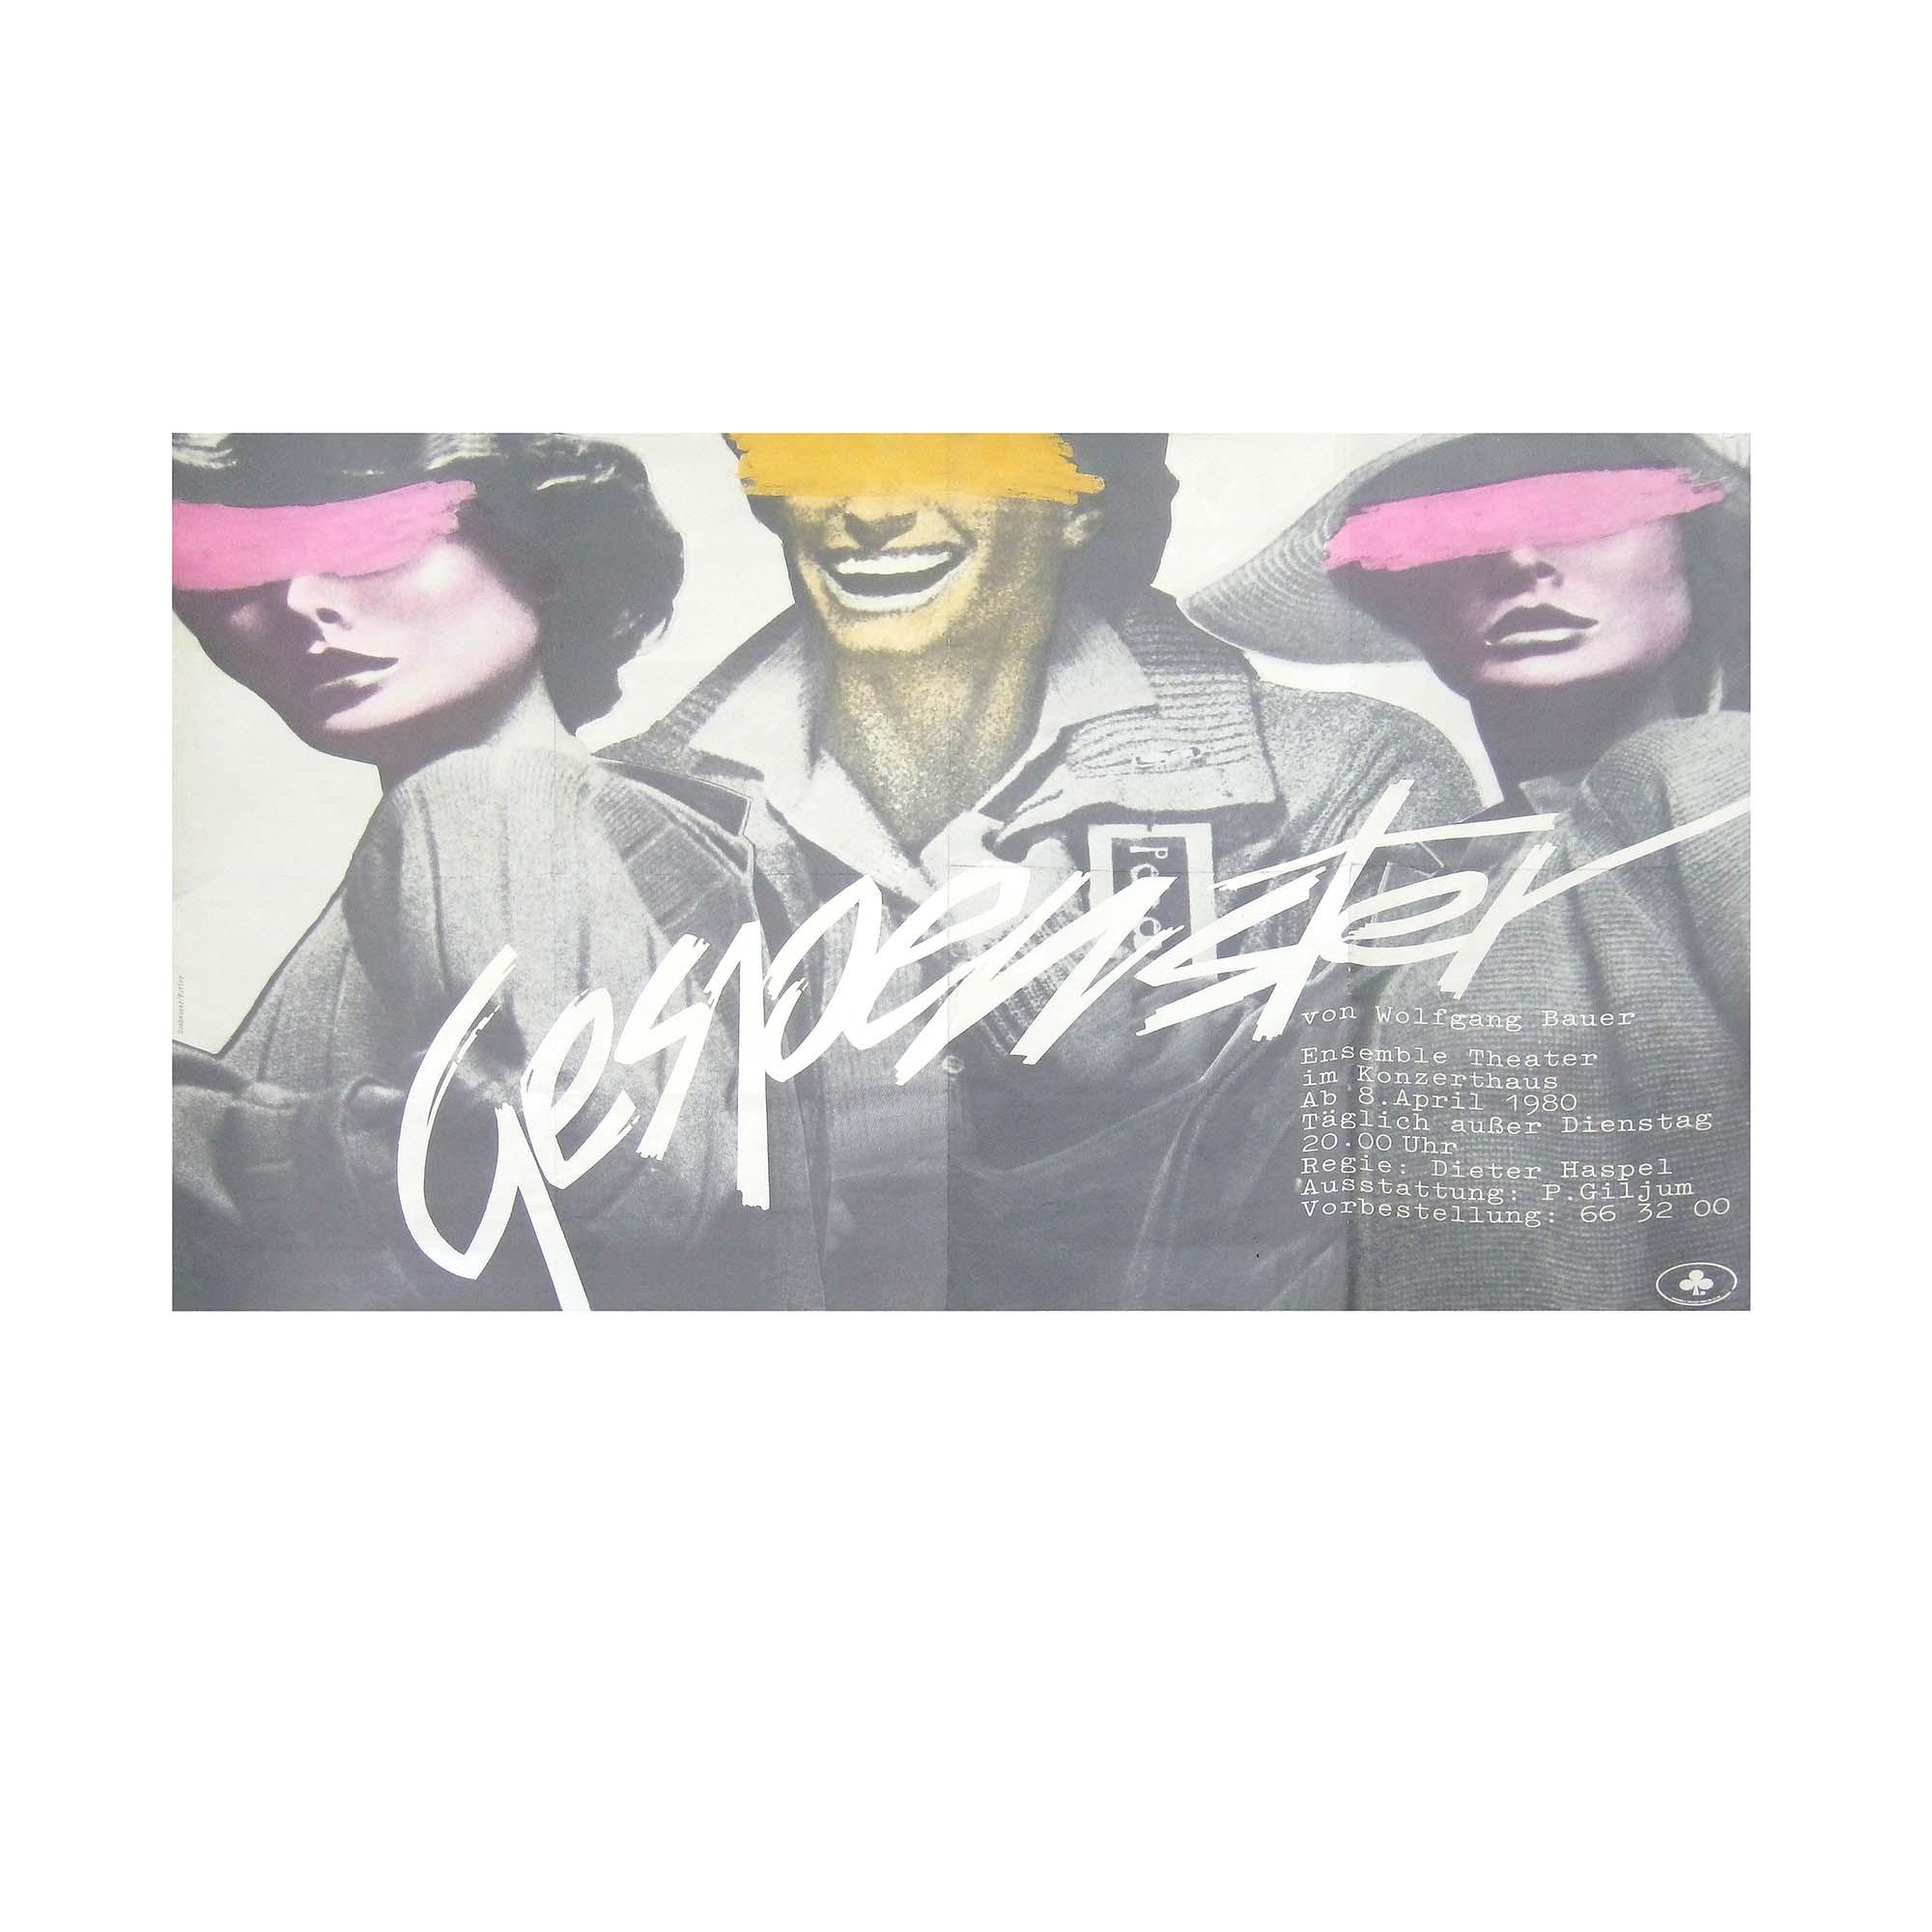 8046-Plakat-Donhauser-Rutter-Bauer-Ensemble-1980-N.jpg